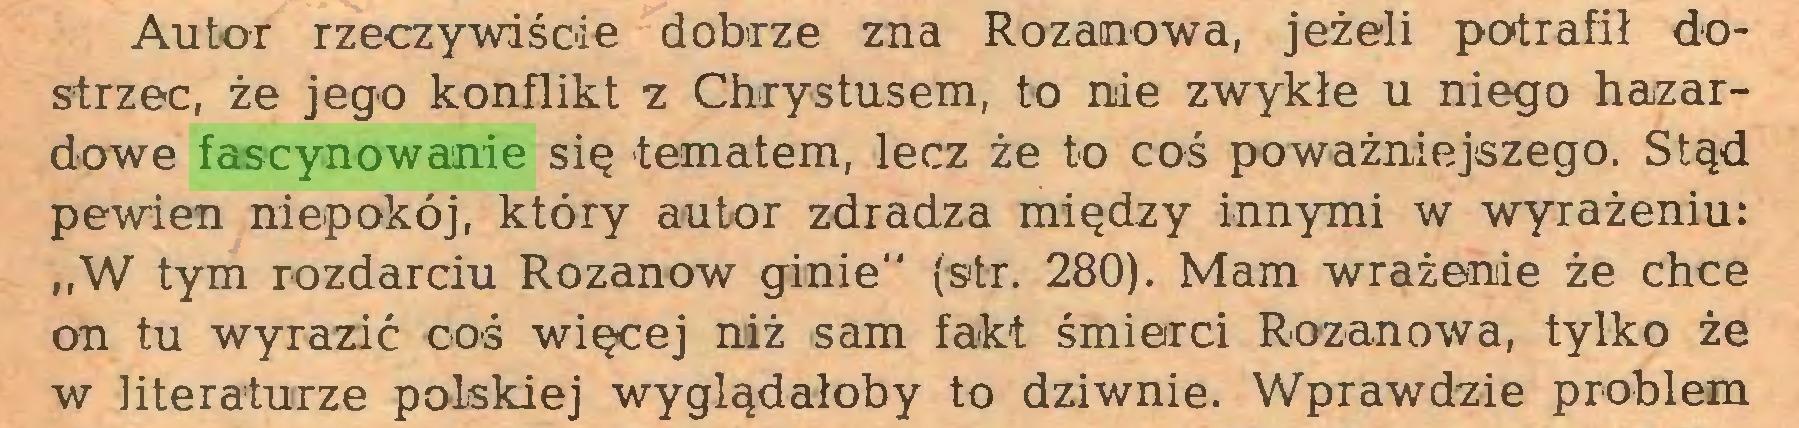 """(...) Autor rzeczywiście dobrze zna Rozanowa, jeżeli potrafił dostrzec, że jego konflikt z Chrystusem, to nie zwykłe u niego hazardowe fascynowanie się tematem, lecz że to coś poważniejszego. Stąd pewien niepokój, który autor zdradza między innymi w wyrażeniu: """"W tym rozdarciu Rozanow ginie"""" (str. 280). Mam wrażenie że chce on tu wyrazić coś więcej niiż sam fakt śmierci Rozanowa, tylko że w literaturze polskiej wyglądałoby to dziwnie. Wprawdzie problem..."""